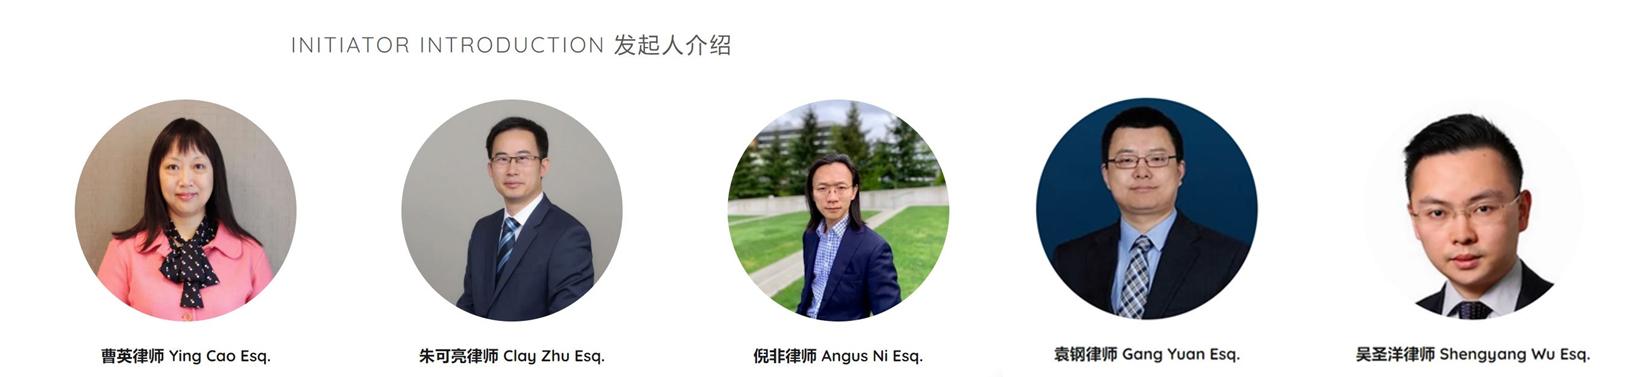 發起美國微信用戶聯合會的5名在美華人律師。? 美國微信用戶聯合會網站截圖